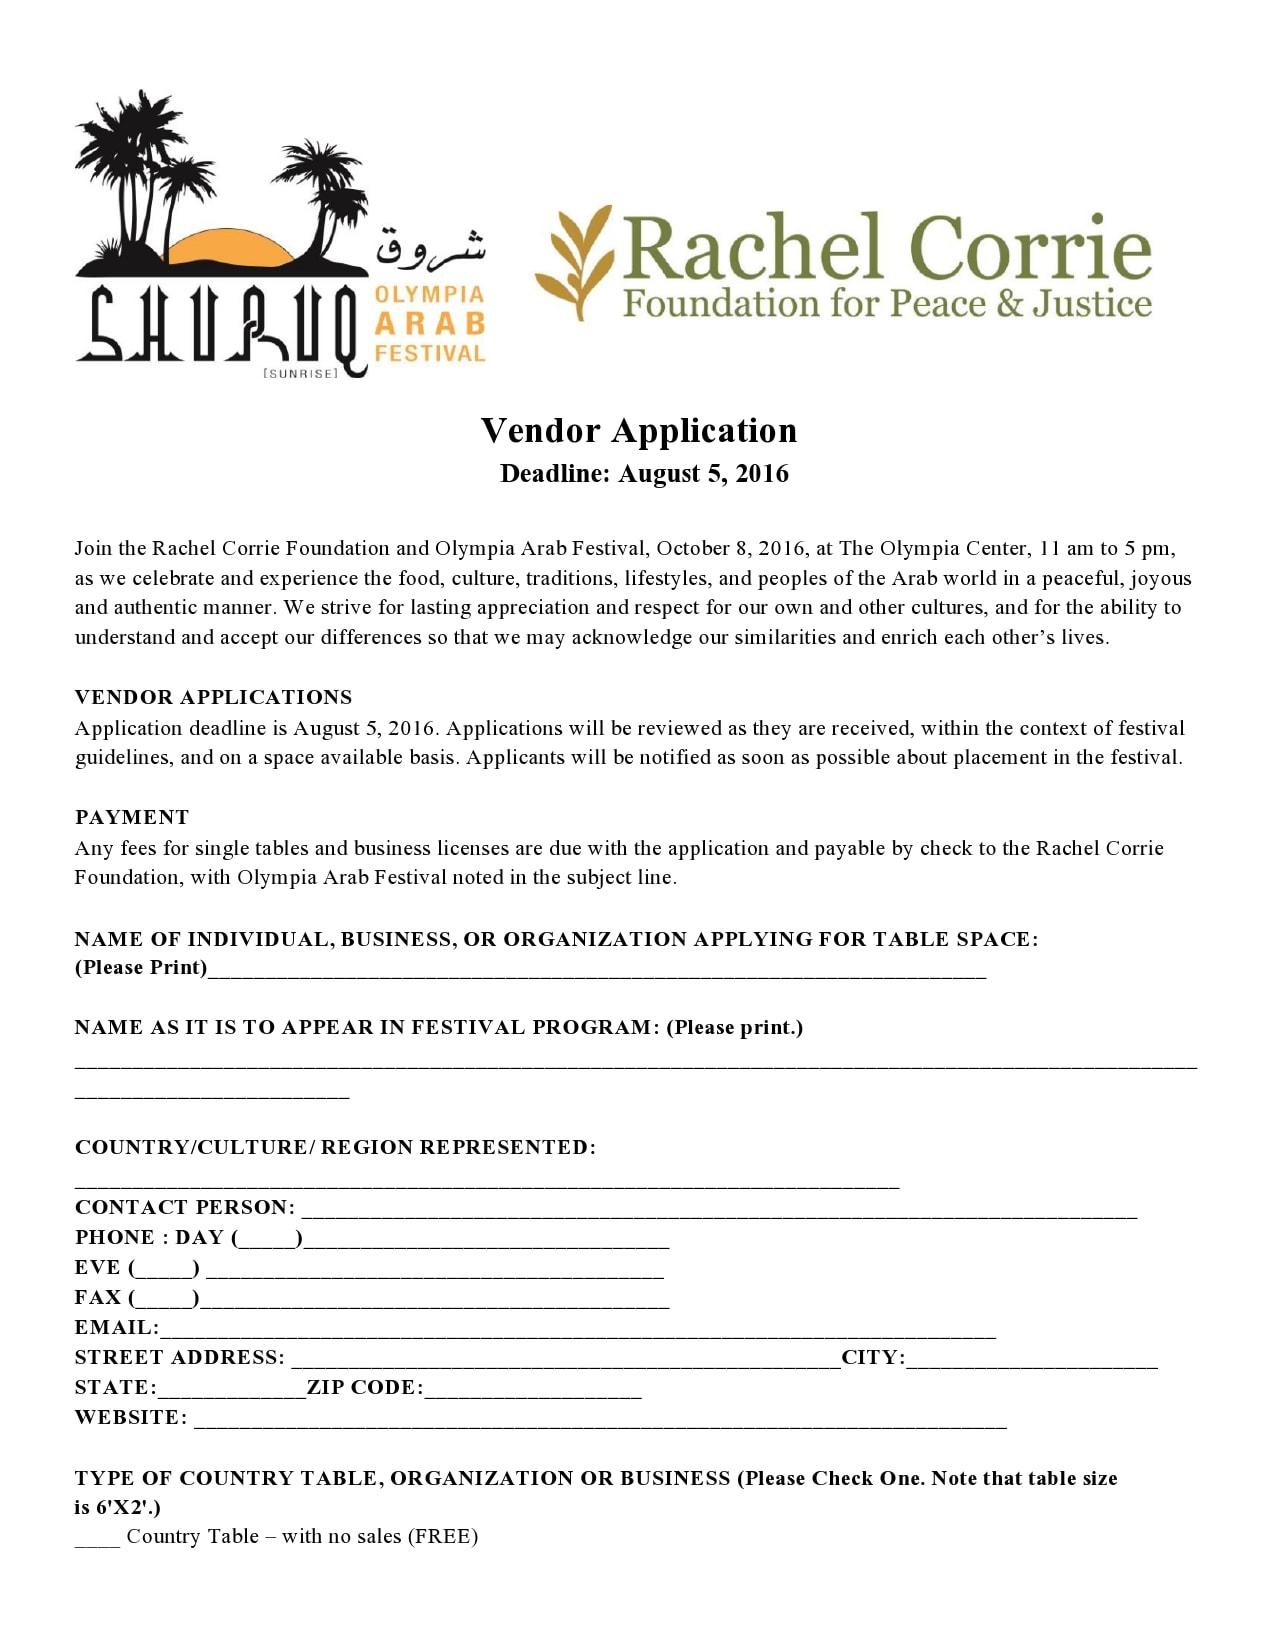 vendor application form 13